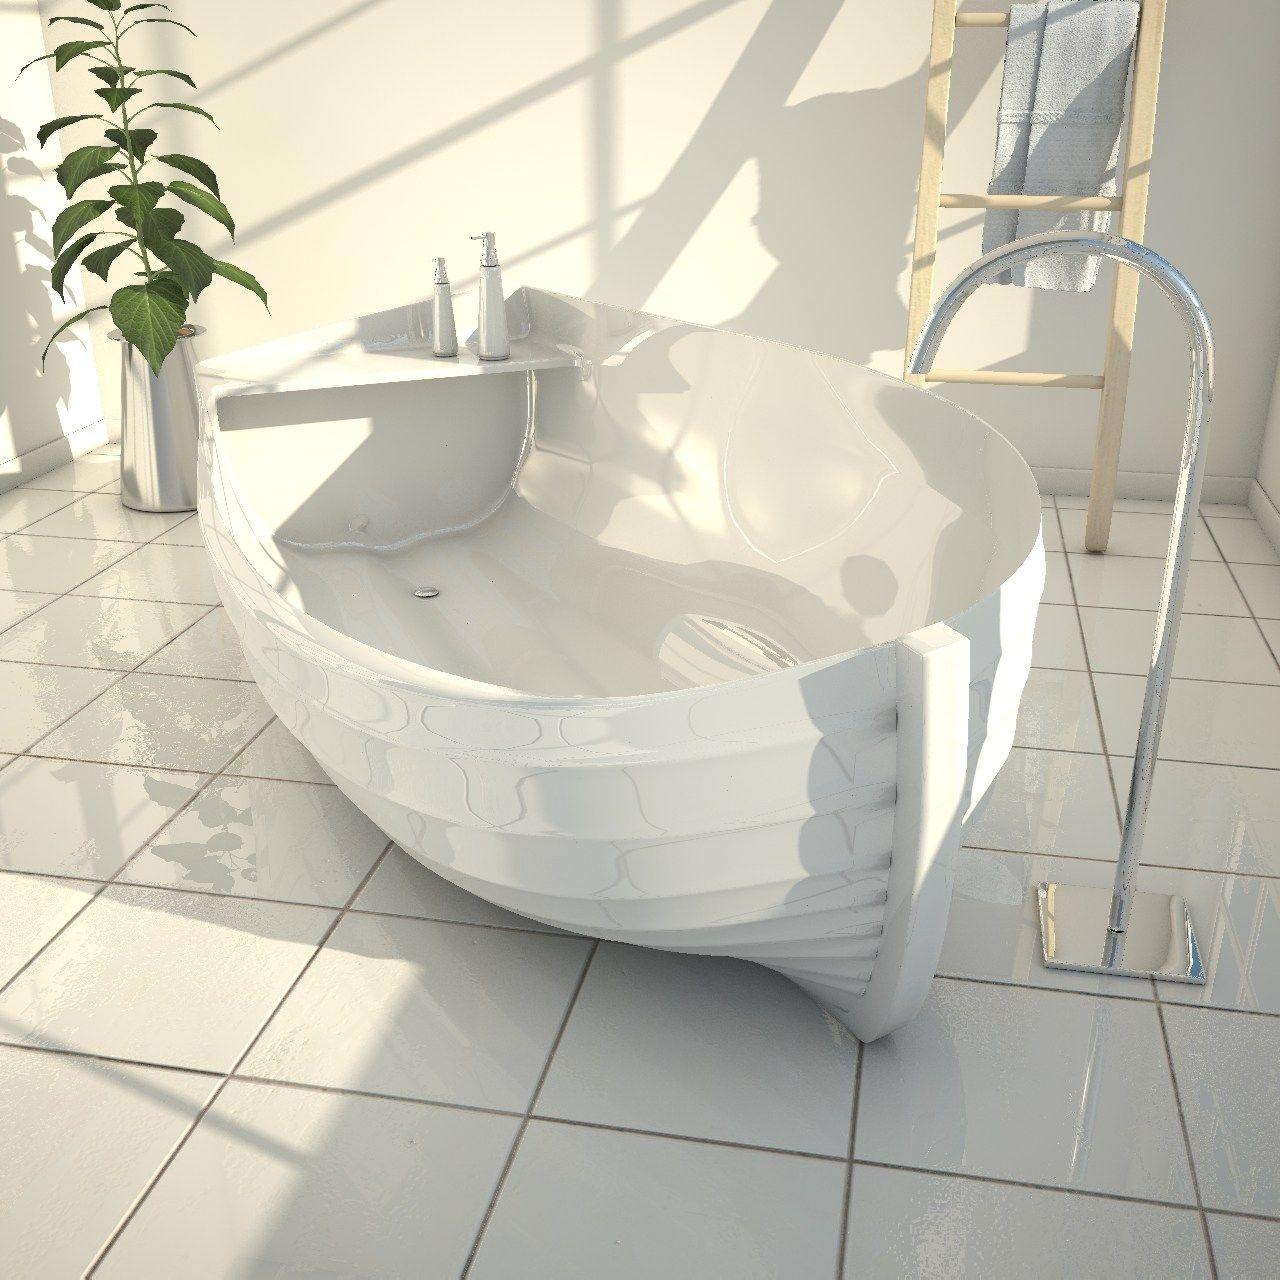 Vasca da bagno centro stanza in adamantx® ocean by zad italy ...